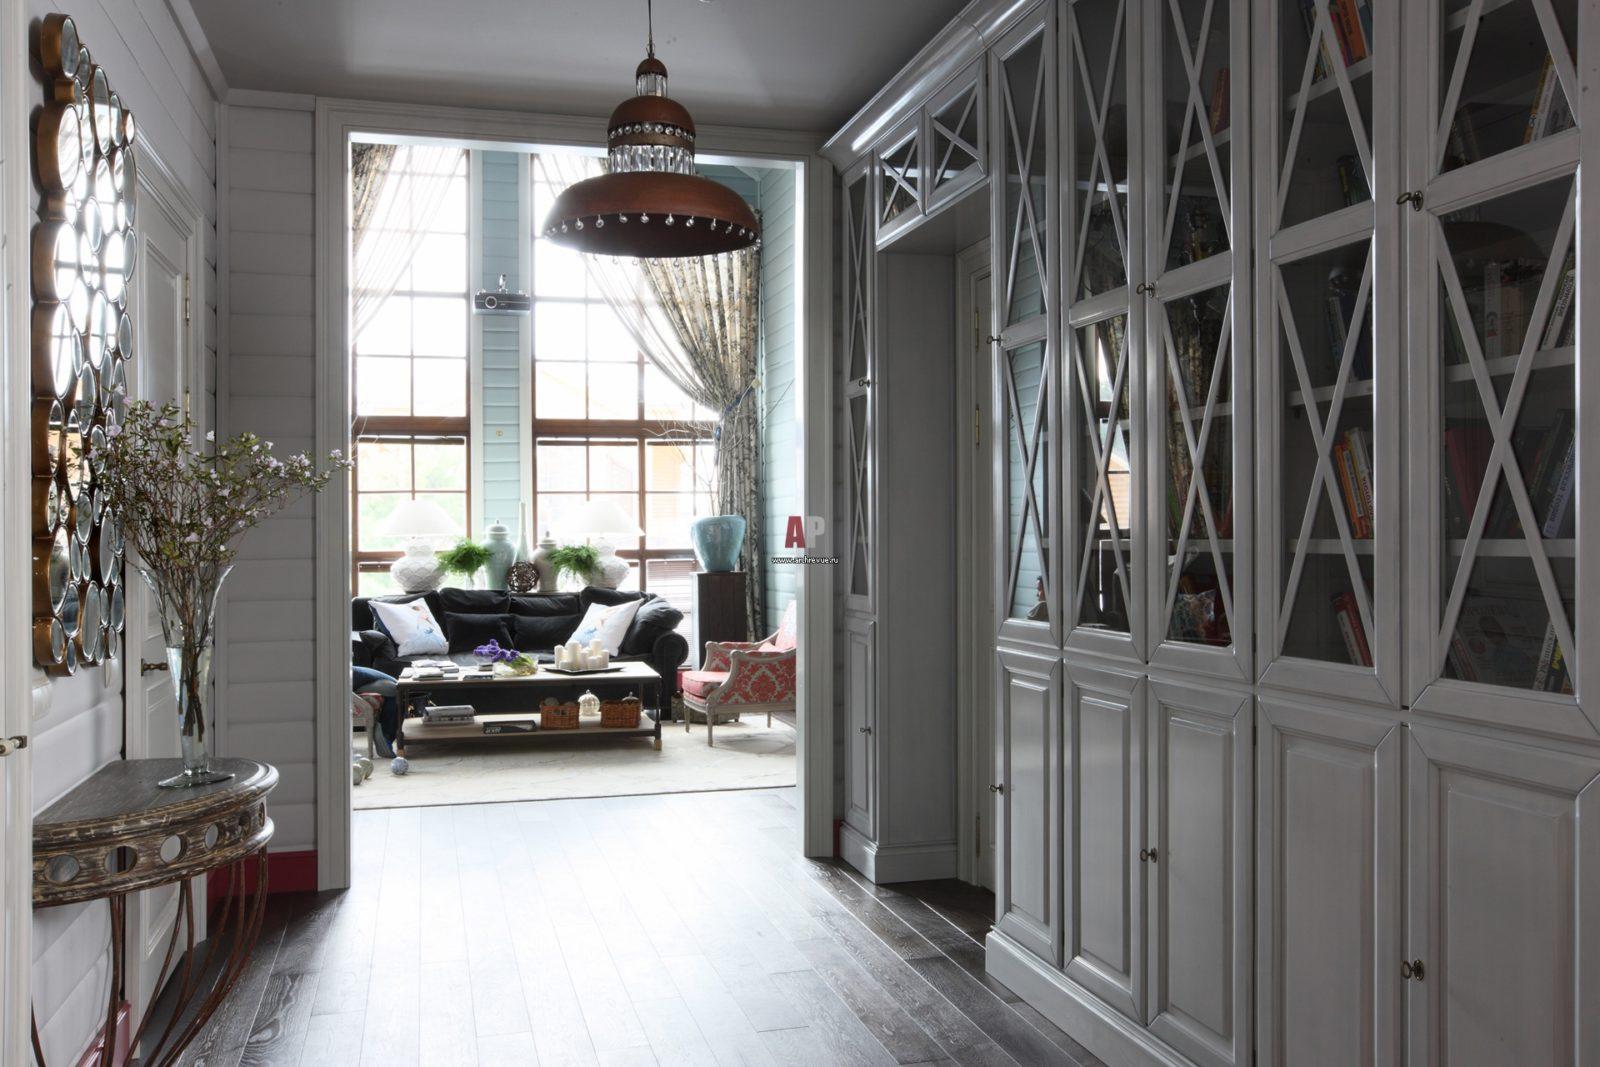 Дом в стиле кантри.Дизайн в стиле кантри.Спальня.Комната.Кухня.Фото и описание.